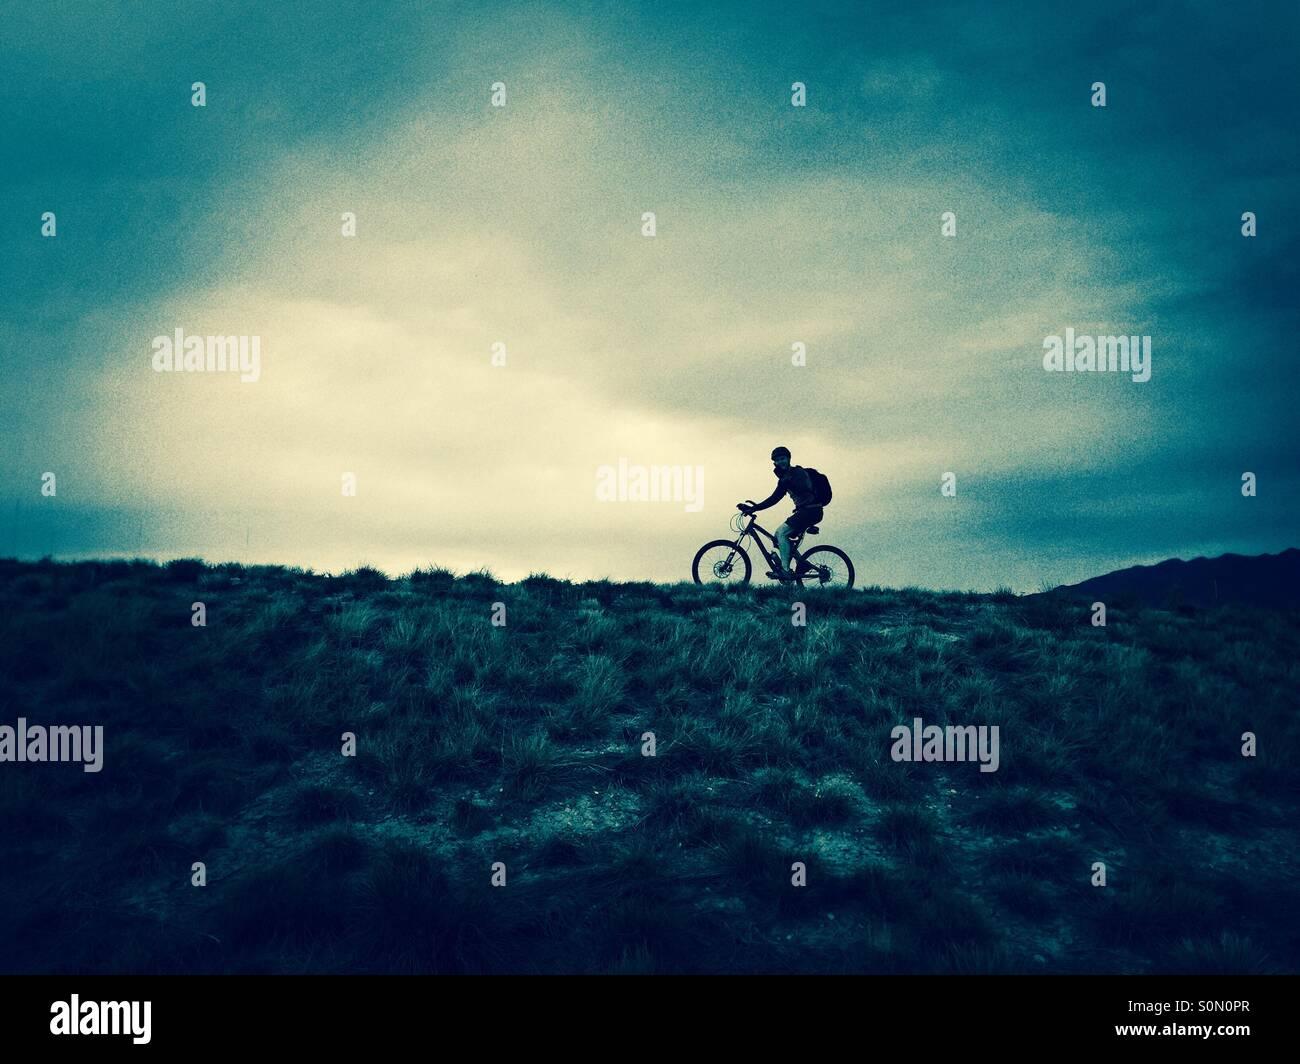 Die Silhouette eines Mannes auf einem Mountainbike auf dem Hügel im Norden Utahs. Stockbild